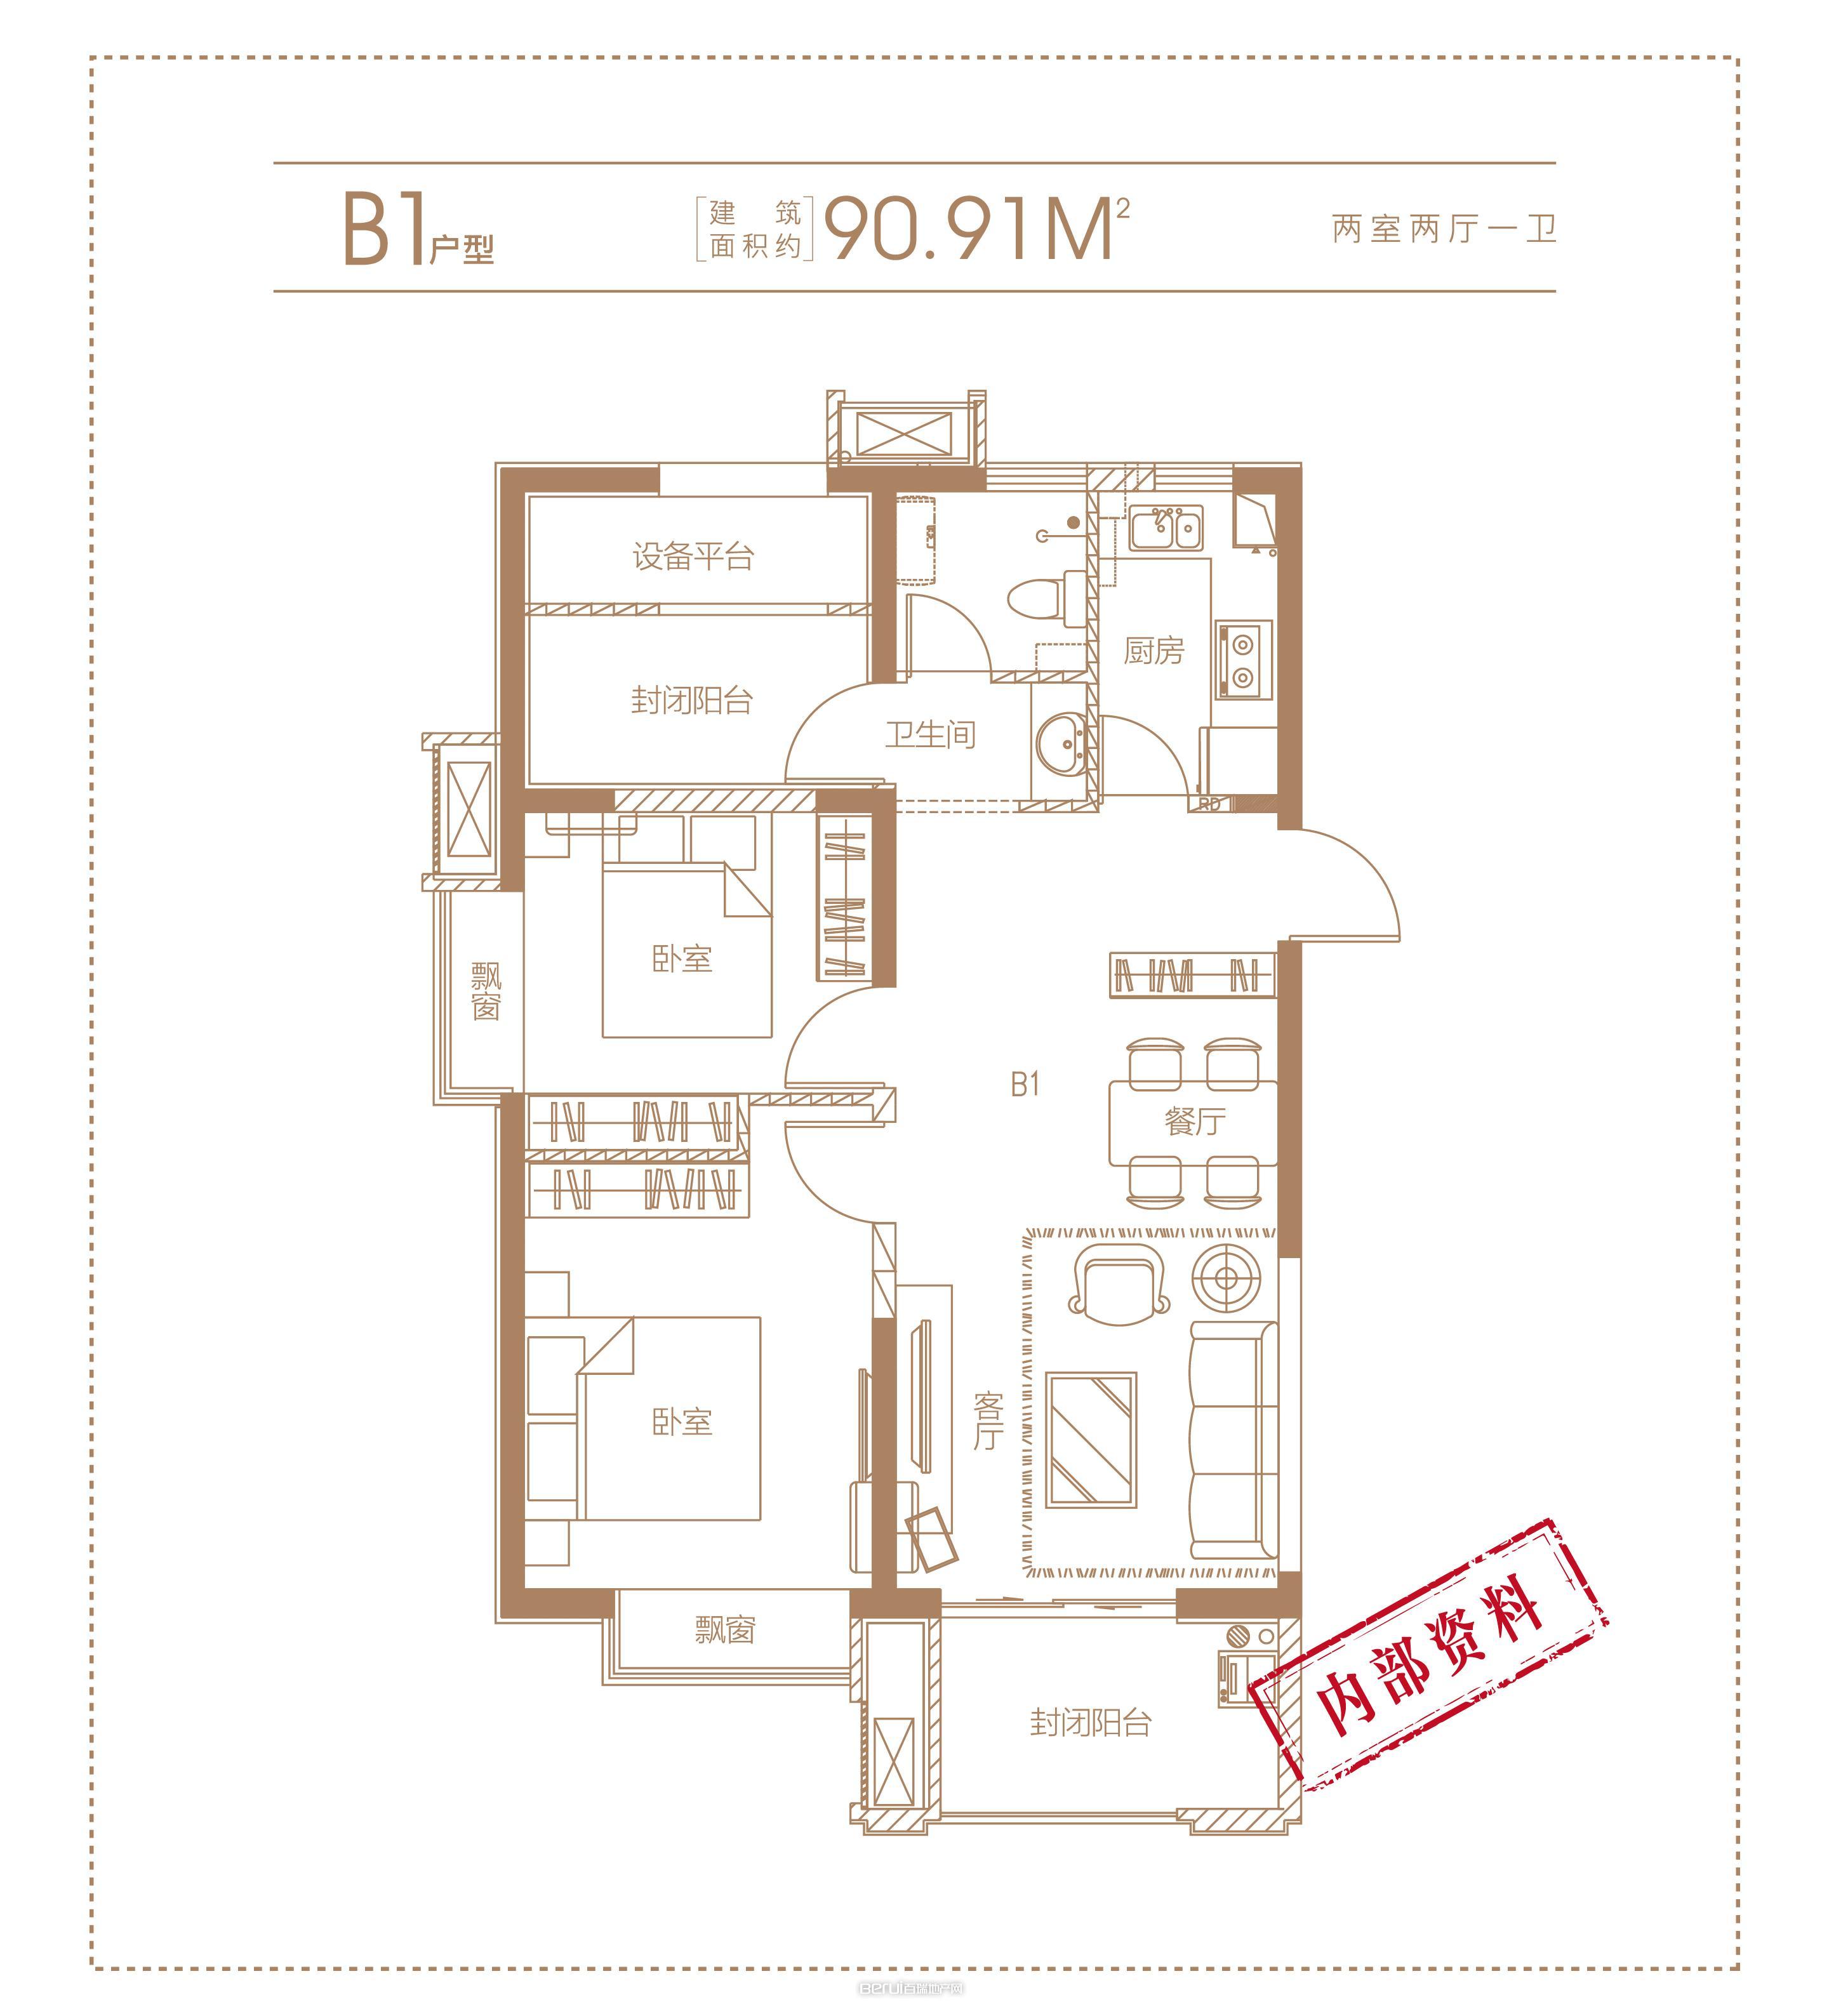 两室两厅一卫90.91㎡户型图